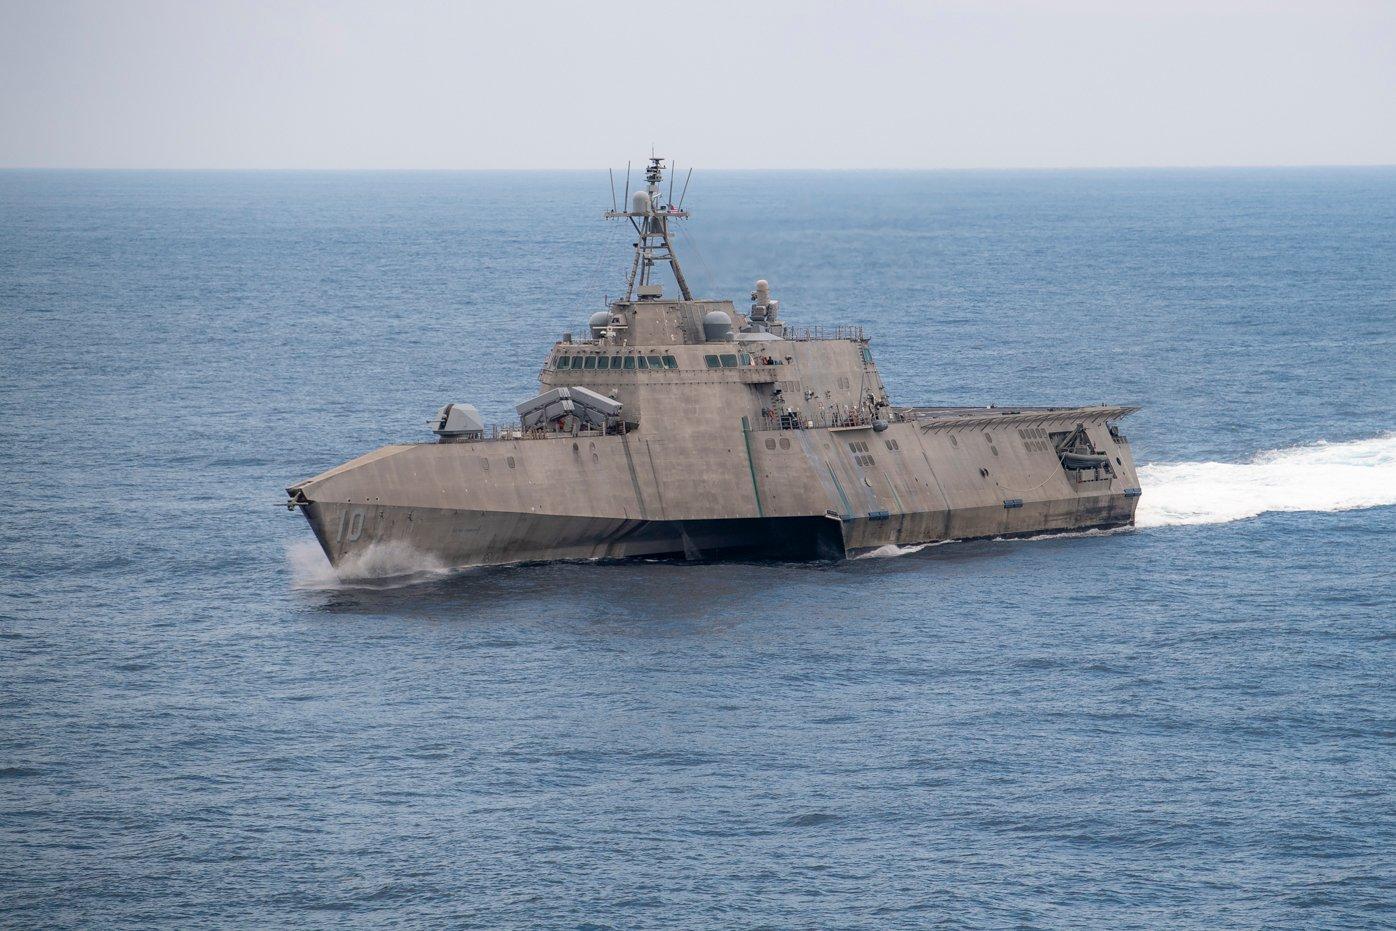 为了适应海军转型,濒海战斗舰开始装备反舰导弹。